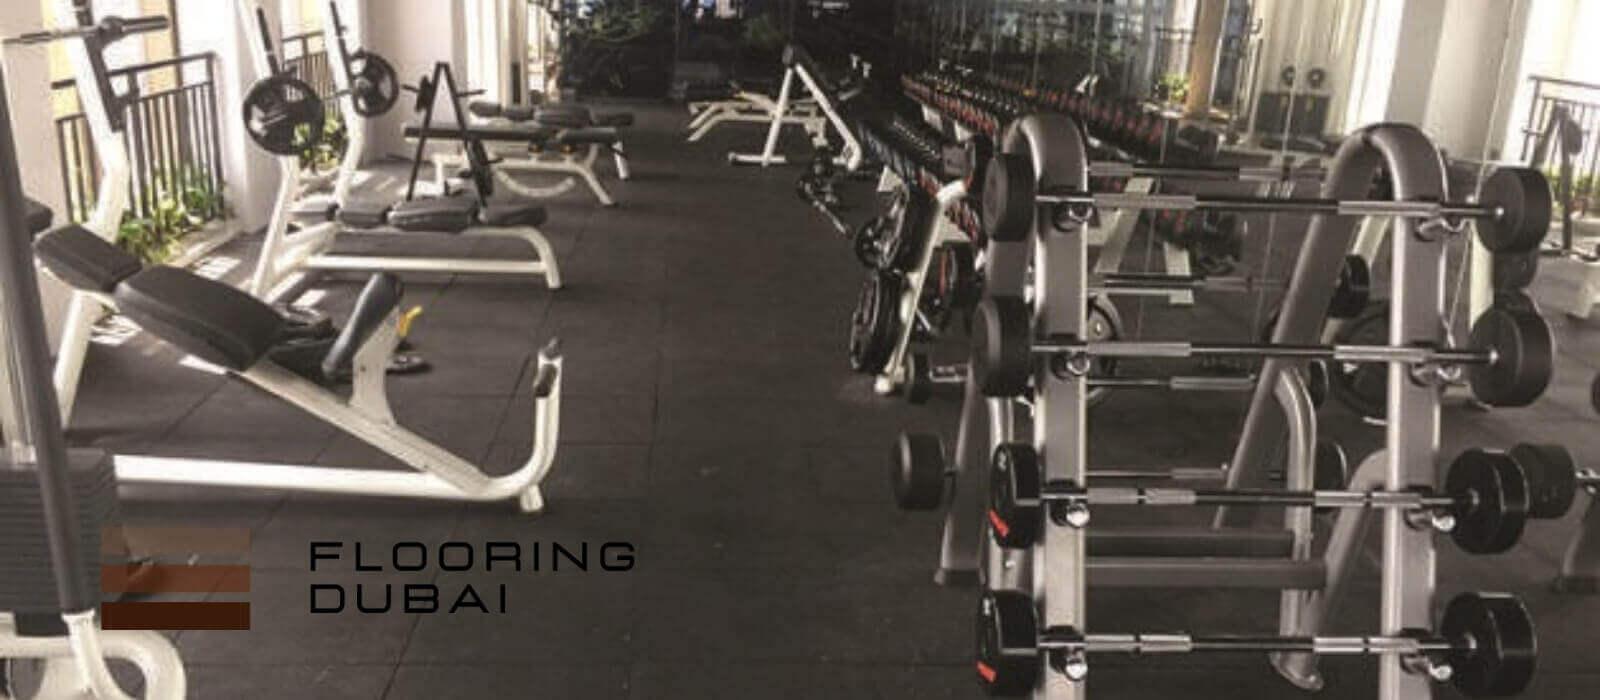 Gym Flooring Slide Image